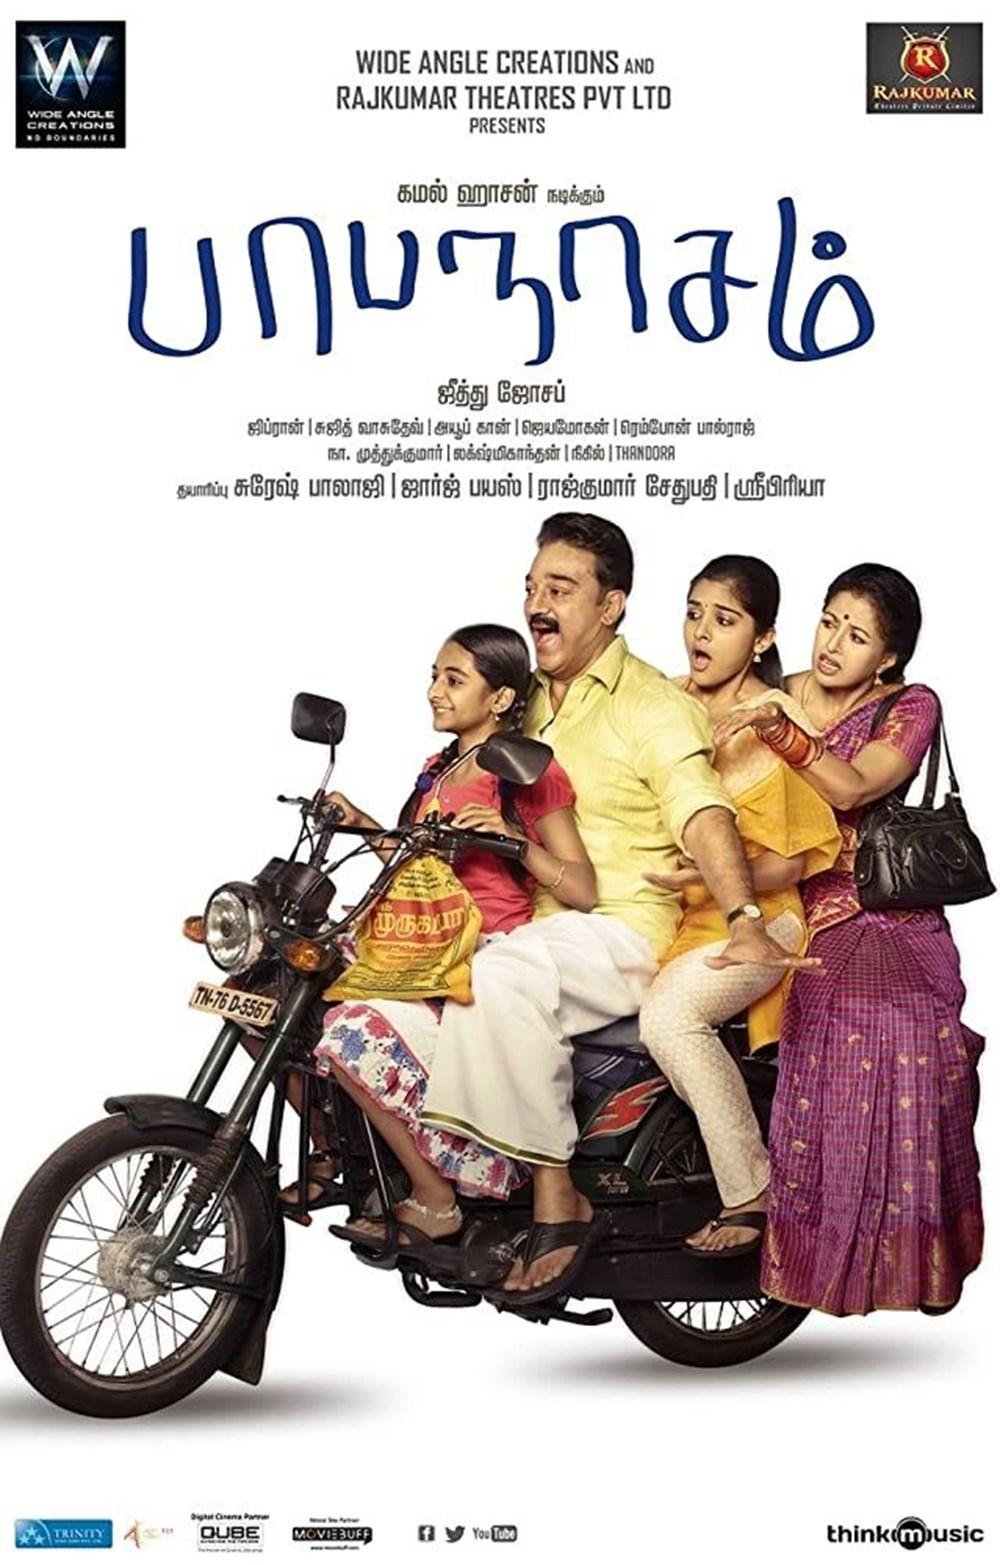 En iyi Hint filmleri - IMDb verileri (Bollywood sineması) - 6